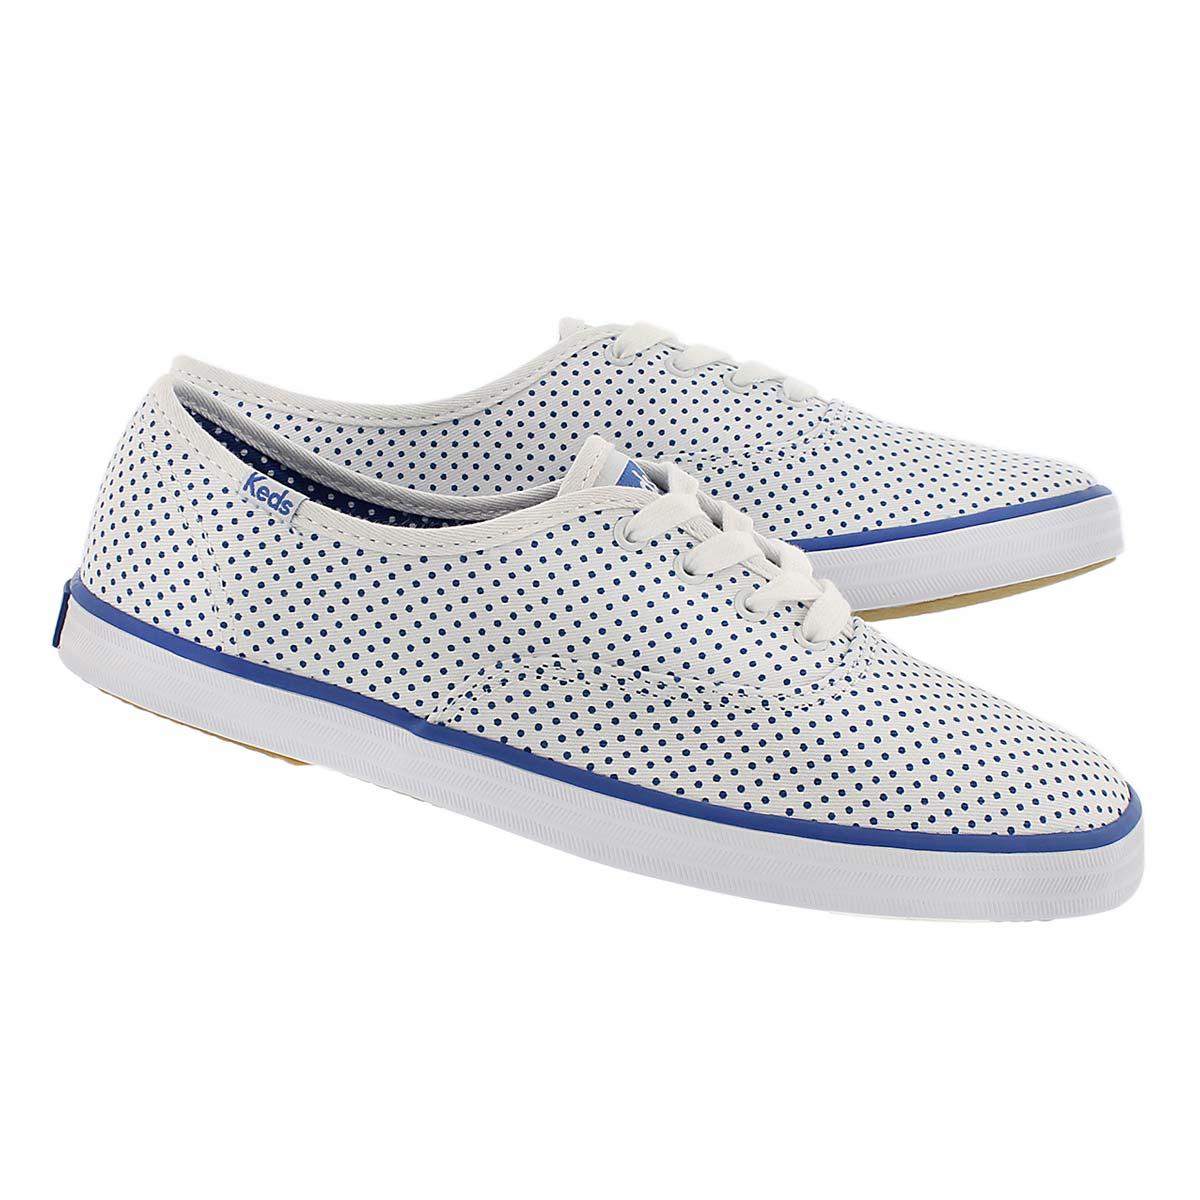 Lds Champion Micro Dot wht/blu sneaker